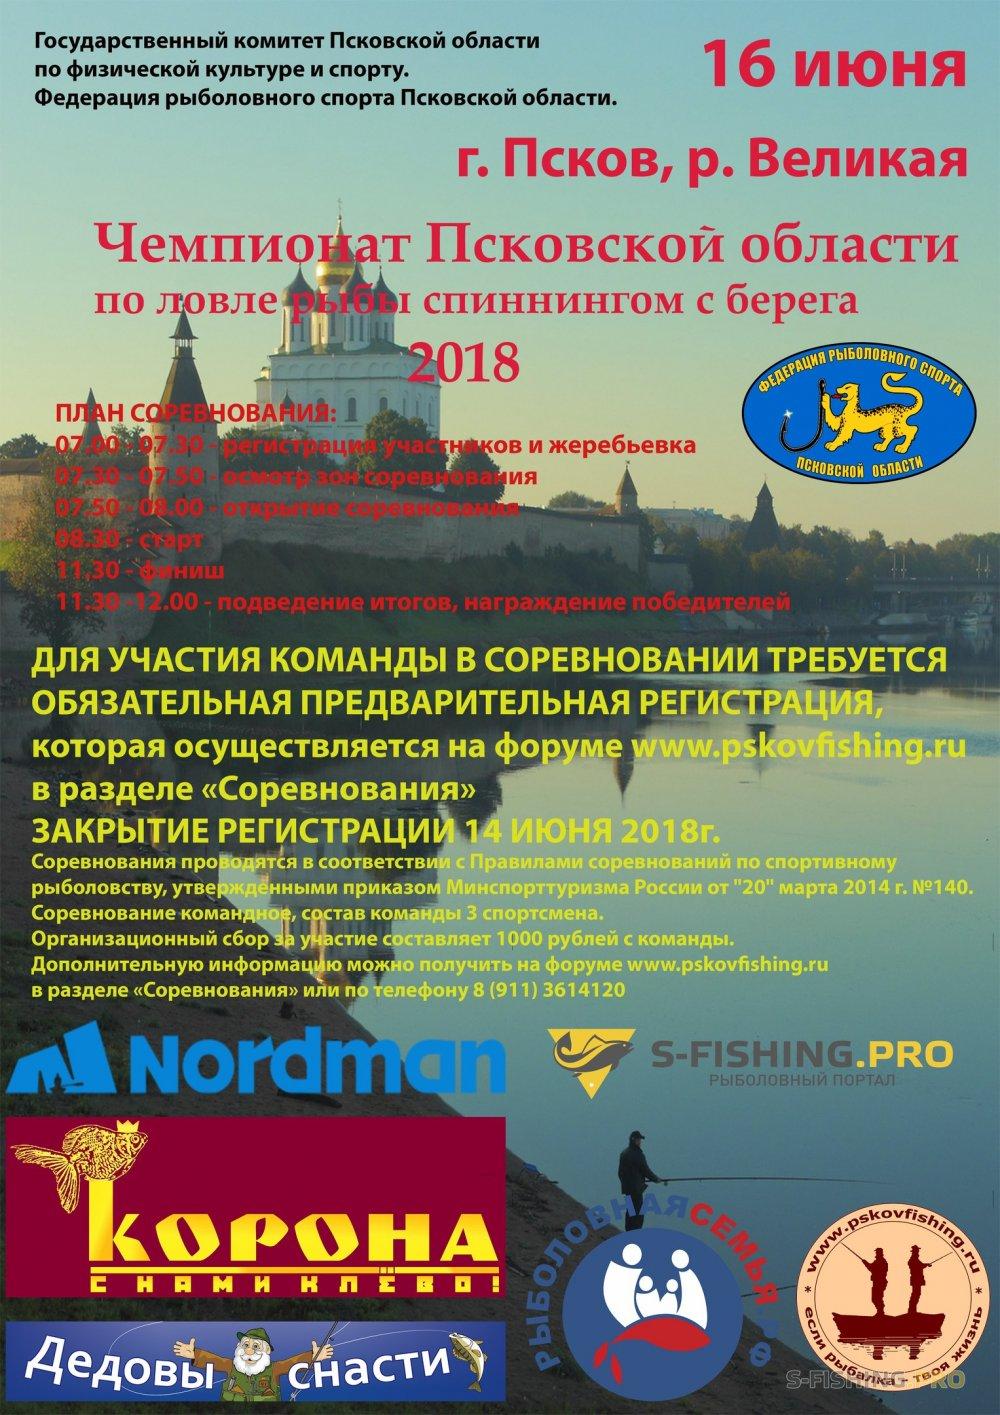 Мероприятия: ОТКРЫТЫЙ ЧЕМПИОНАТ ПСКОВСКОЙ ОБЛАСТИ  ПО ЛОВЛЕ РЫБЫ СПИННИНГОМ С БЕРЕГА 2018 года